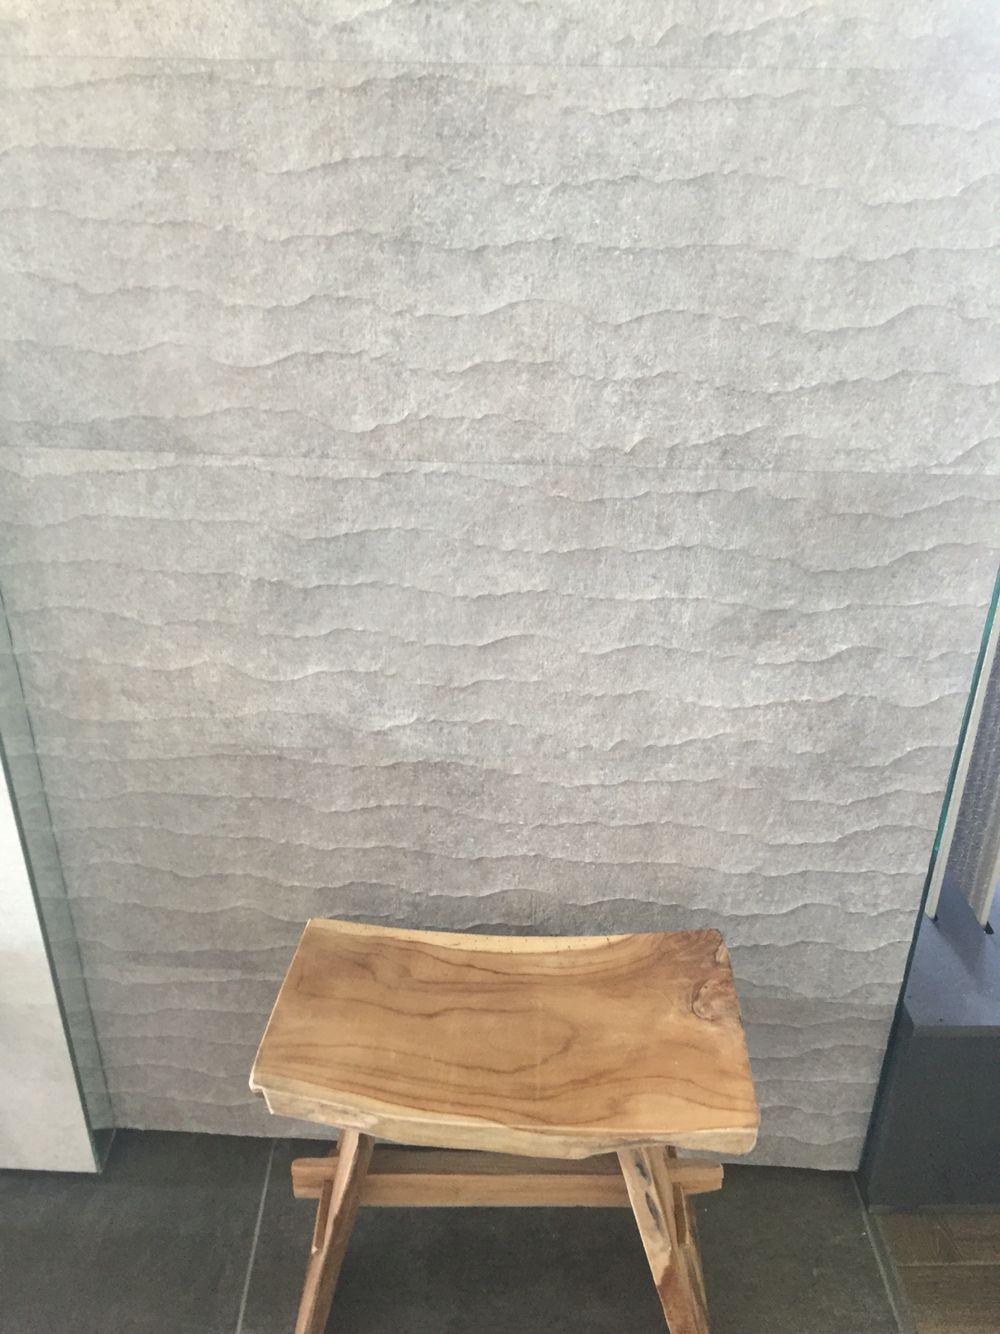 Venis badkamer tegels contour 100x33 3 cm venis en porcelanosa tegels pinterest contours - Porcelanosa tegel badkamer ...